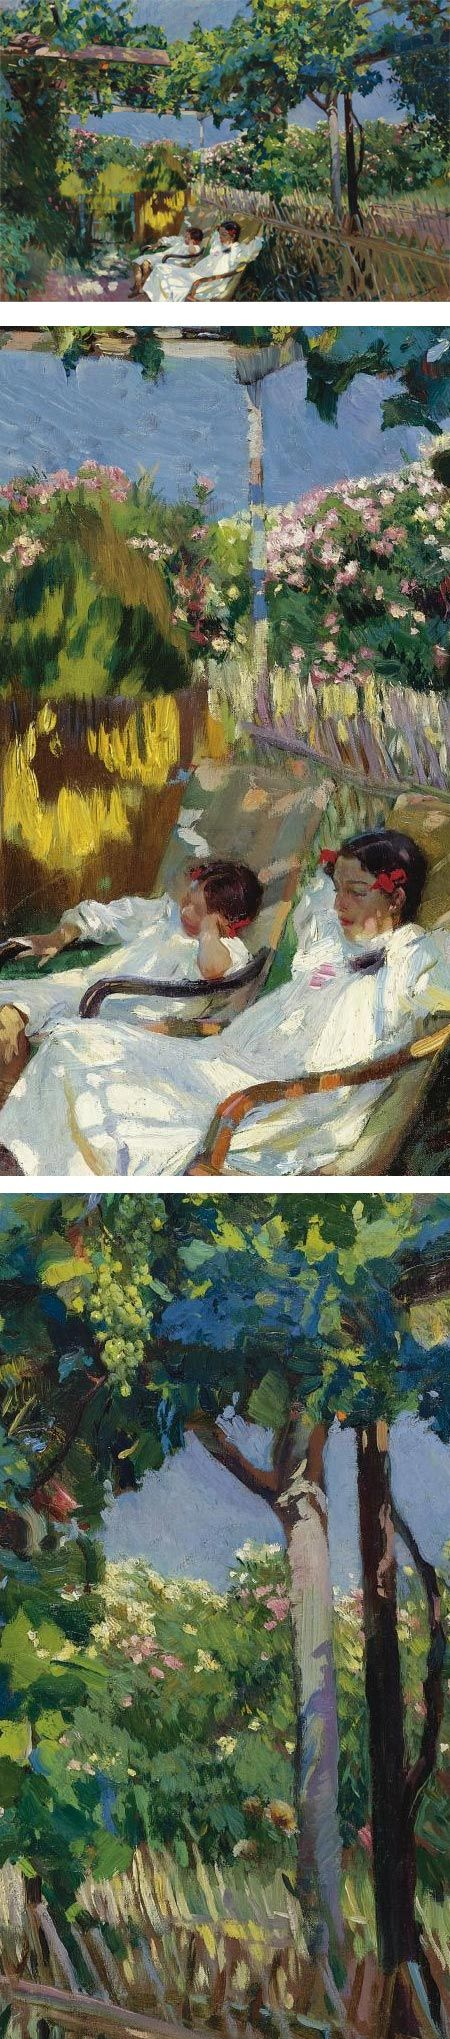 La Siesta en el Jardin, Joaquin Sorolla y Bastida